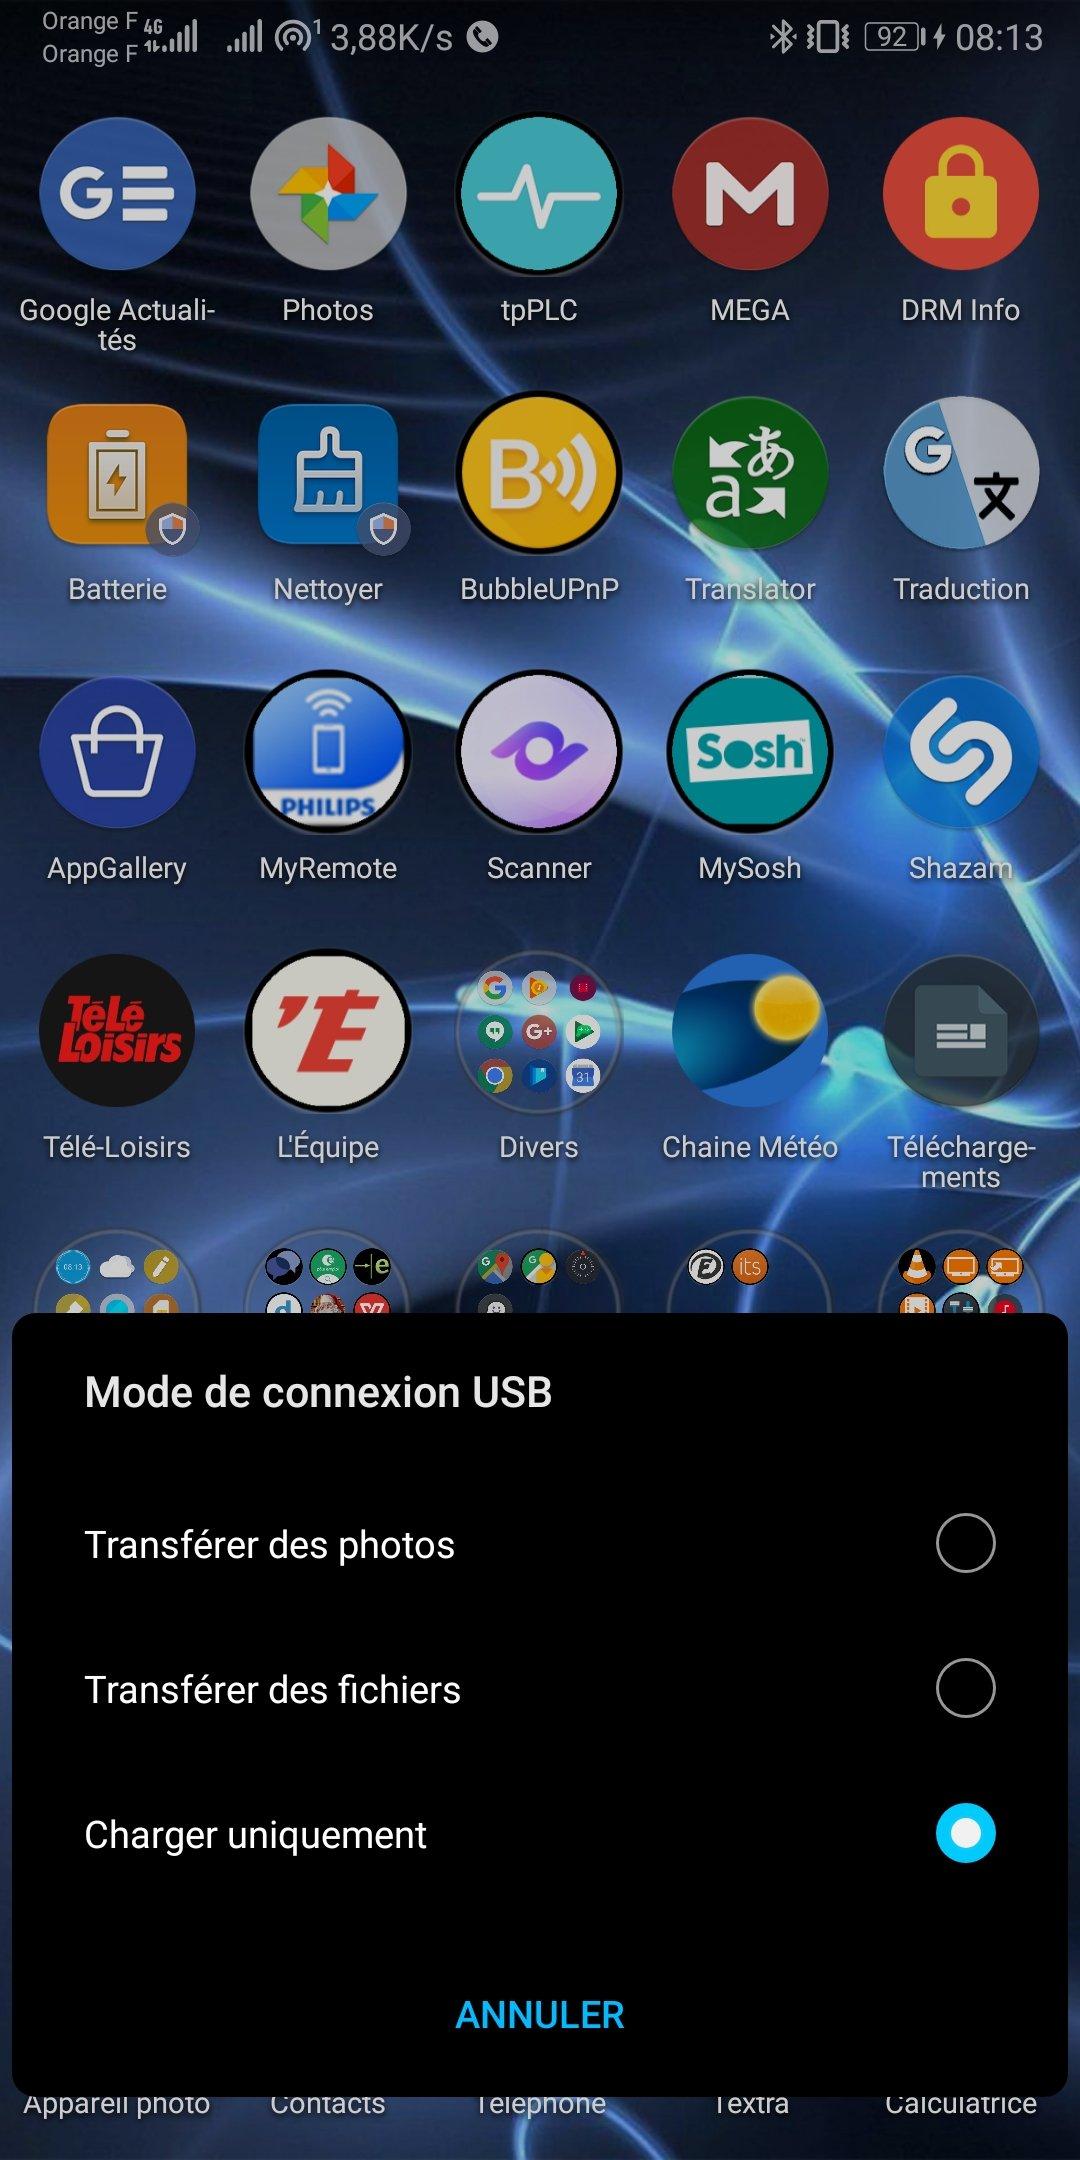 Screenshot_20190418_081309_com.huawei.android.launcher